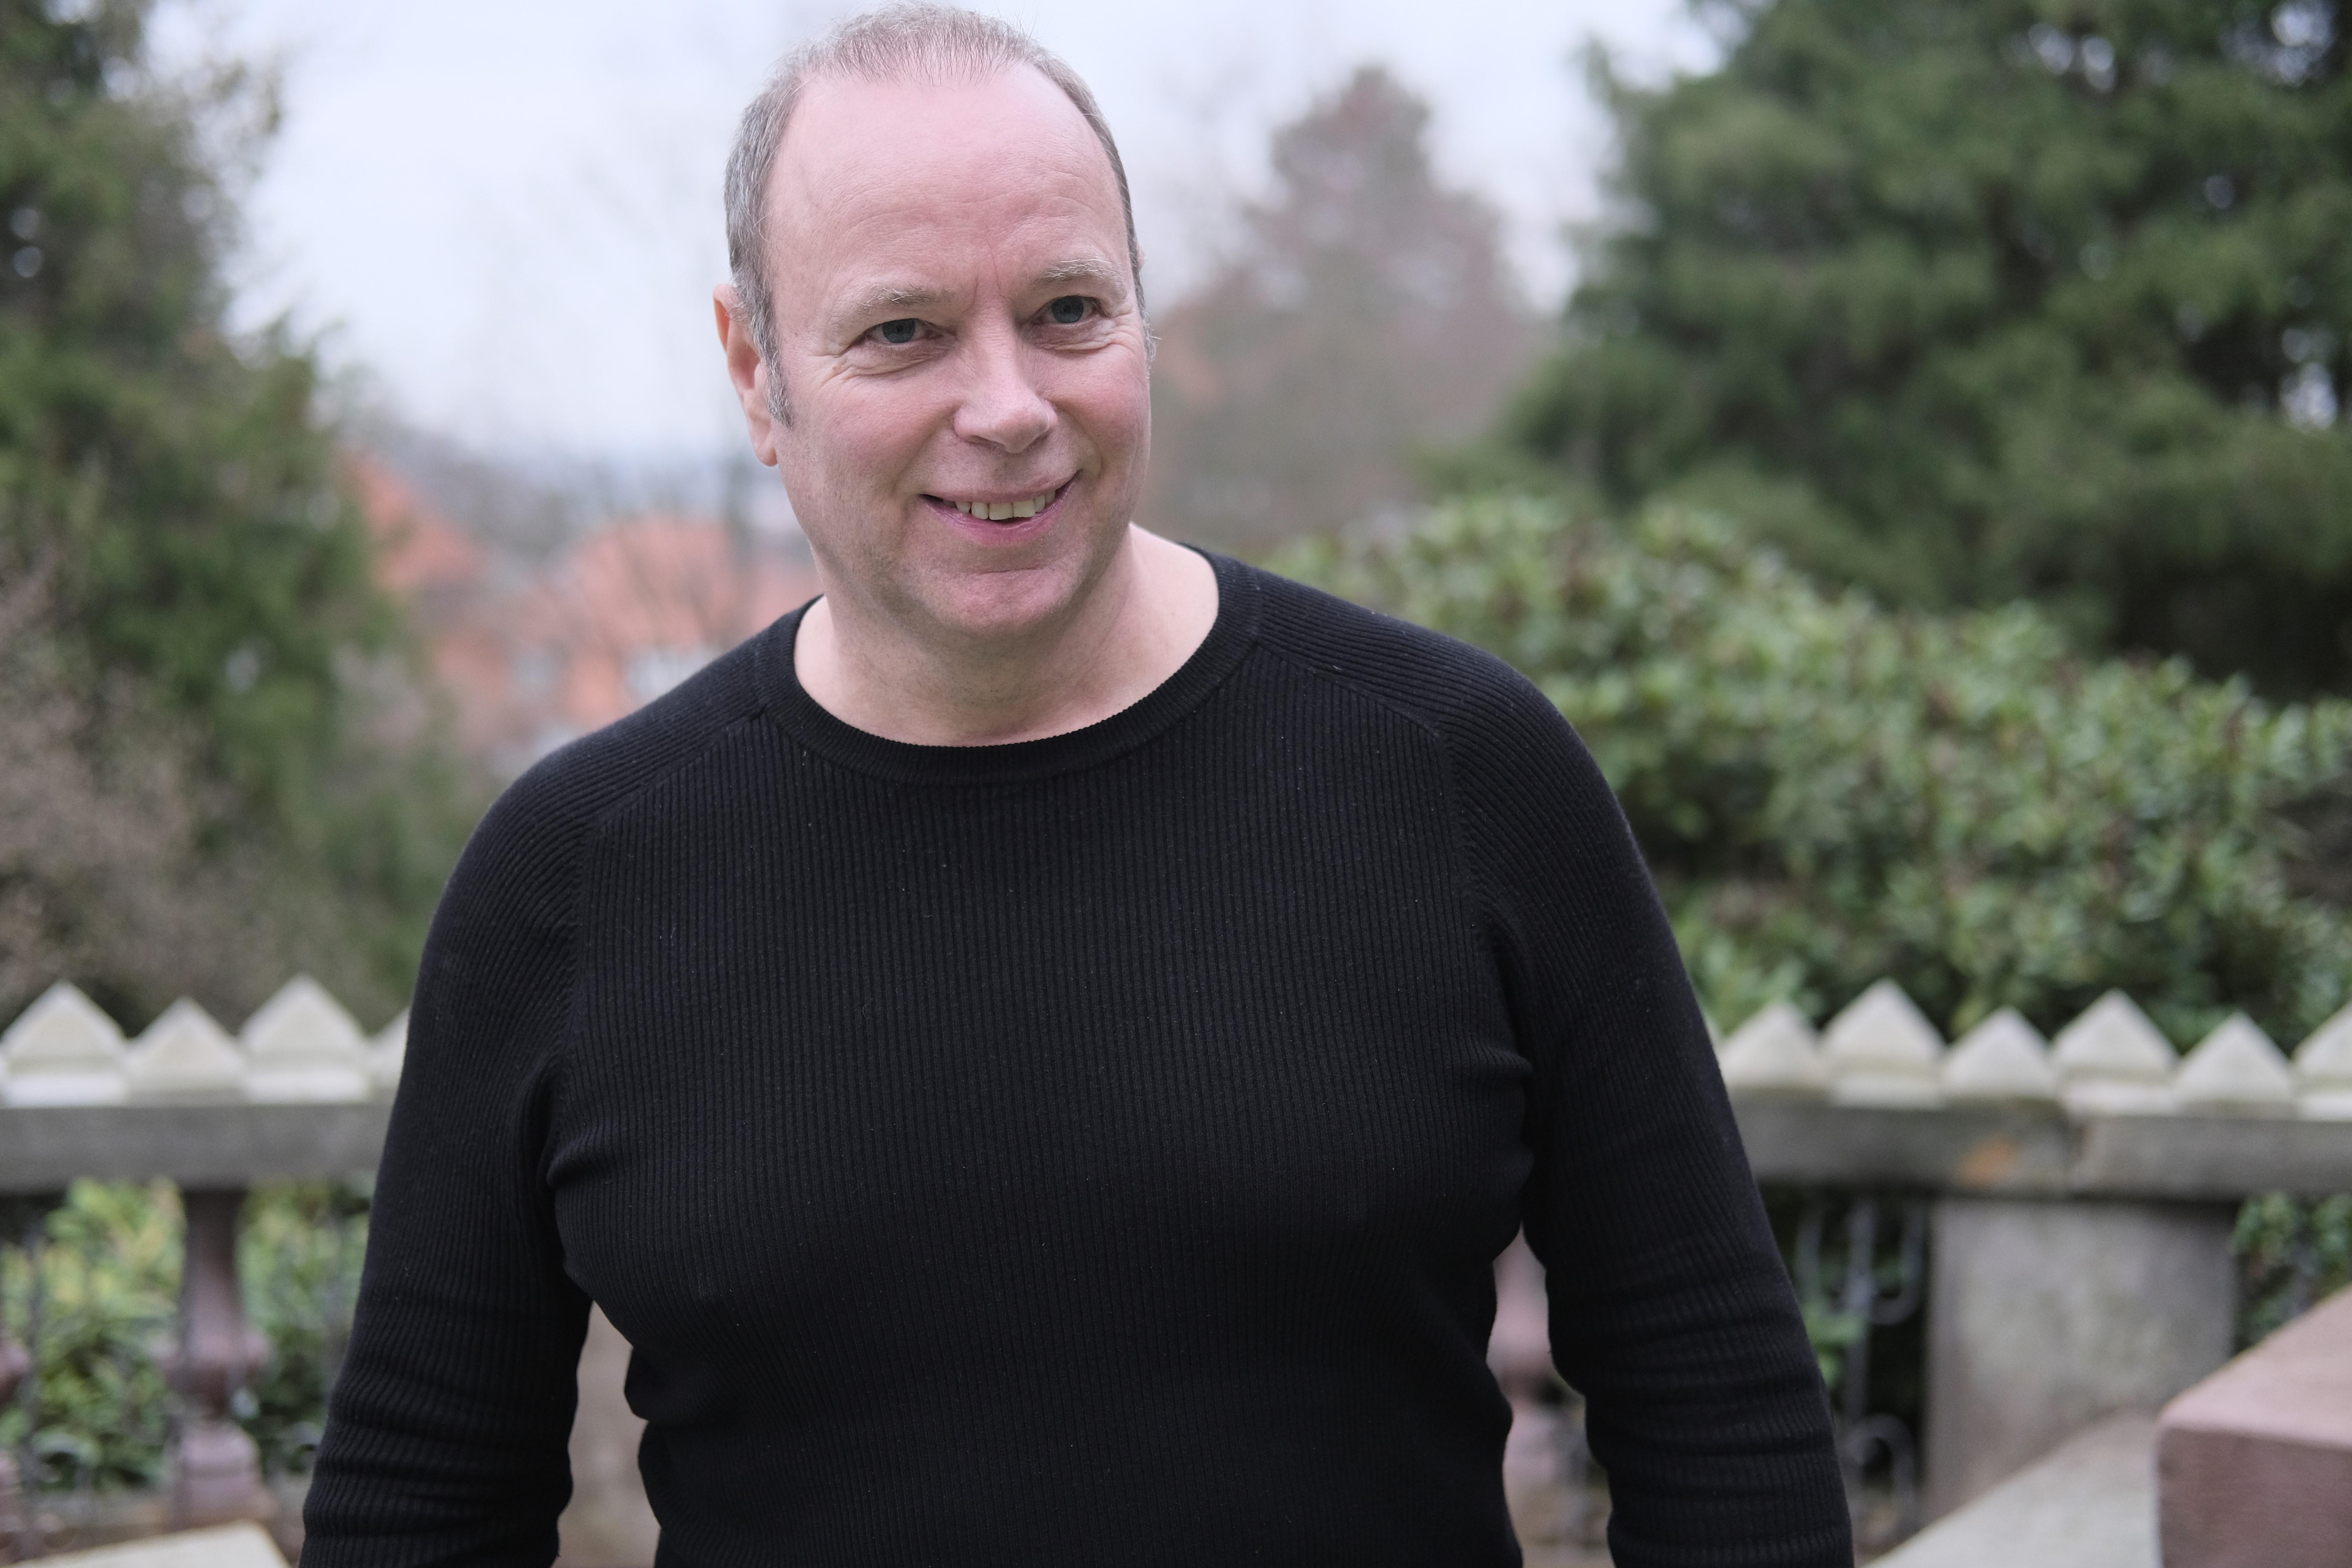 Frank Malisius leitet den Fachbereich Physiotherapie an den Bernd-Blindow-Schulen.